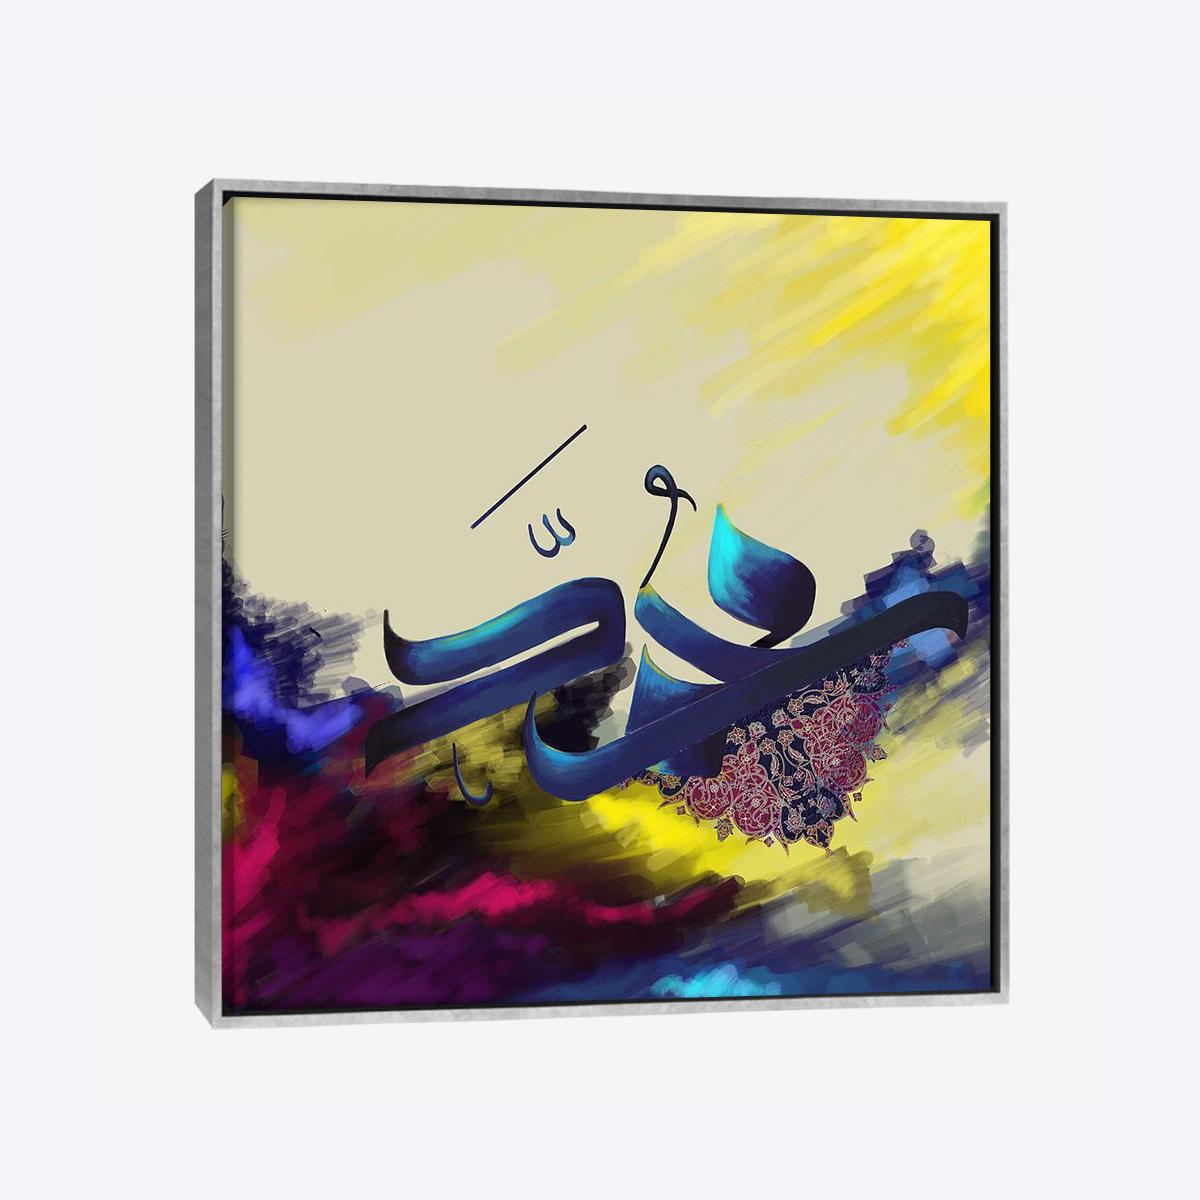 """لوحات جدارية - كلمة """"محمد"""" بالخط العربي والامواج المائية - لوحات حائط مميزة من كانفسي ستور تحت عنوان أجمل لوحات تداخل الخطوط العربية مع سحر الطابع الشرقي الان بين يديك وفي منزلك! تشتهر لوحات خط عربي بالسحر والجمال مع إعطاء شعور الأصالة في تنوع خطوط الكتابة العربية على الكانفس المشدود! اخيرا ! أضف لمسة من الفن العريق لمنزلك ولديكور غرفتك احصل على المزيد من لوحات الحائط المميزة من متجر كانفسي واستمتع بلمسة الجمال."""